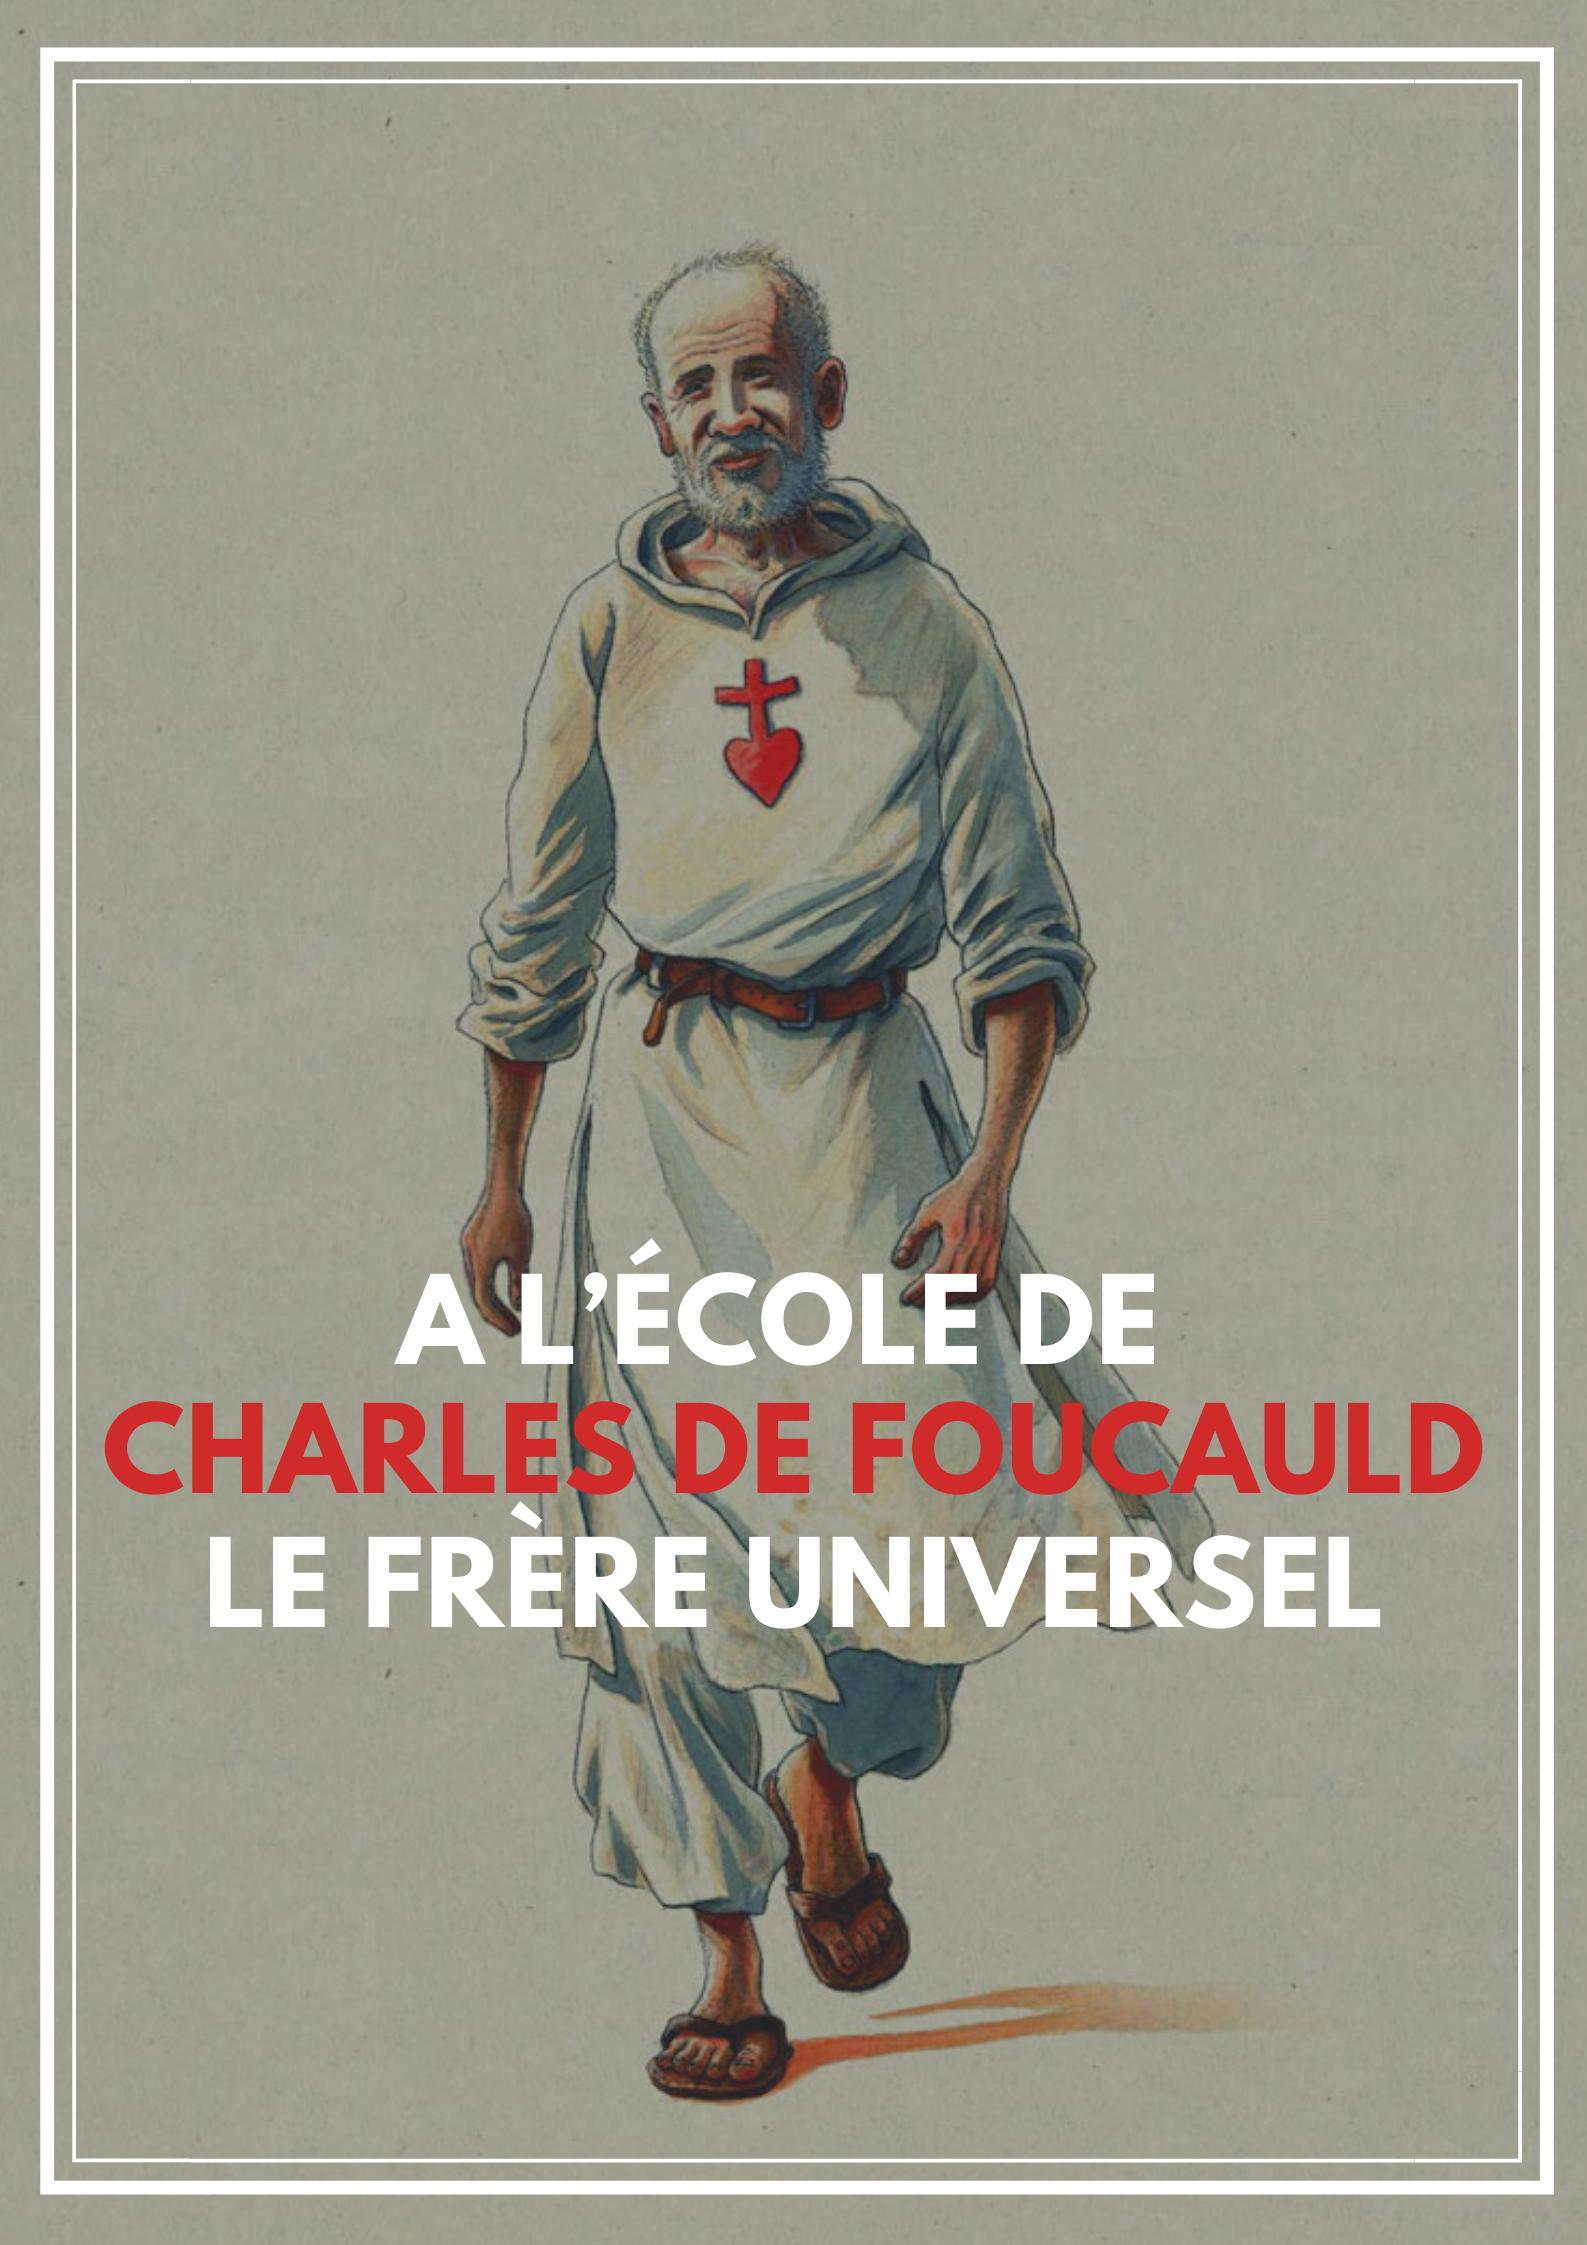 A l'école de Charles de Foucauld, le frère universel